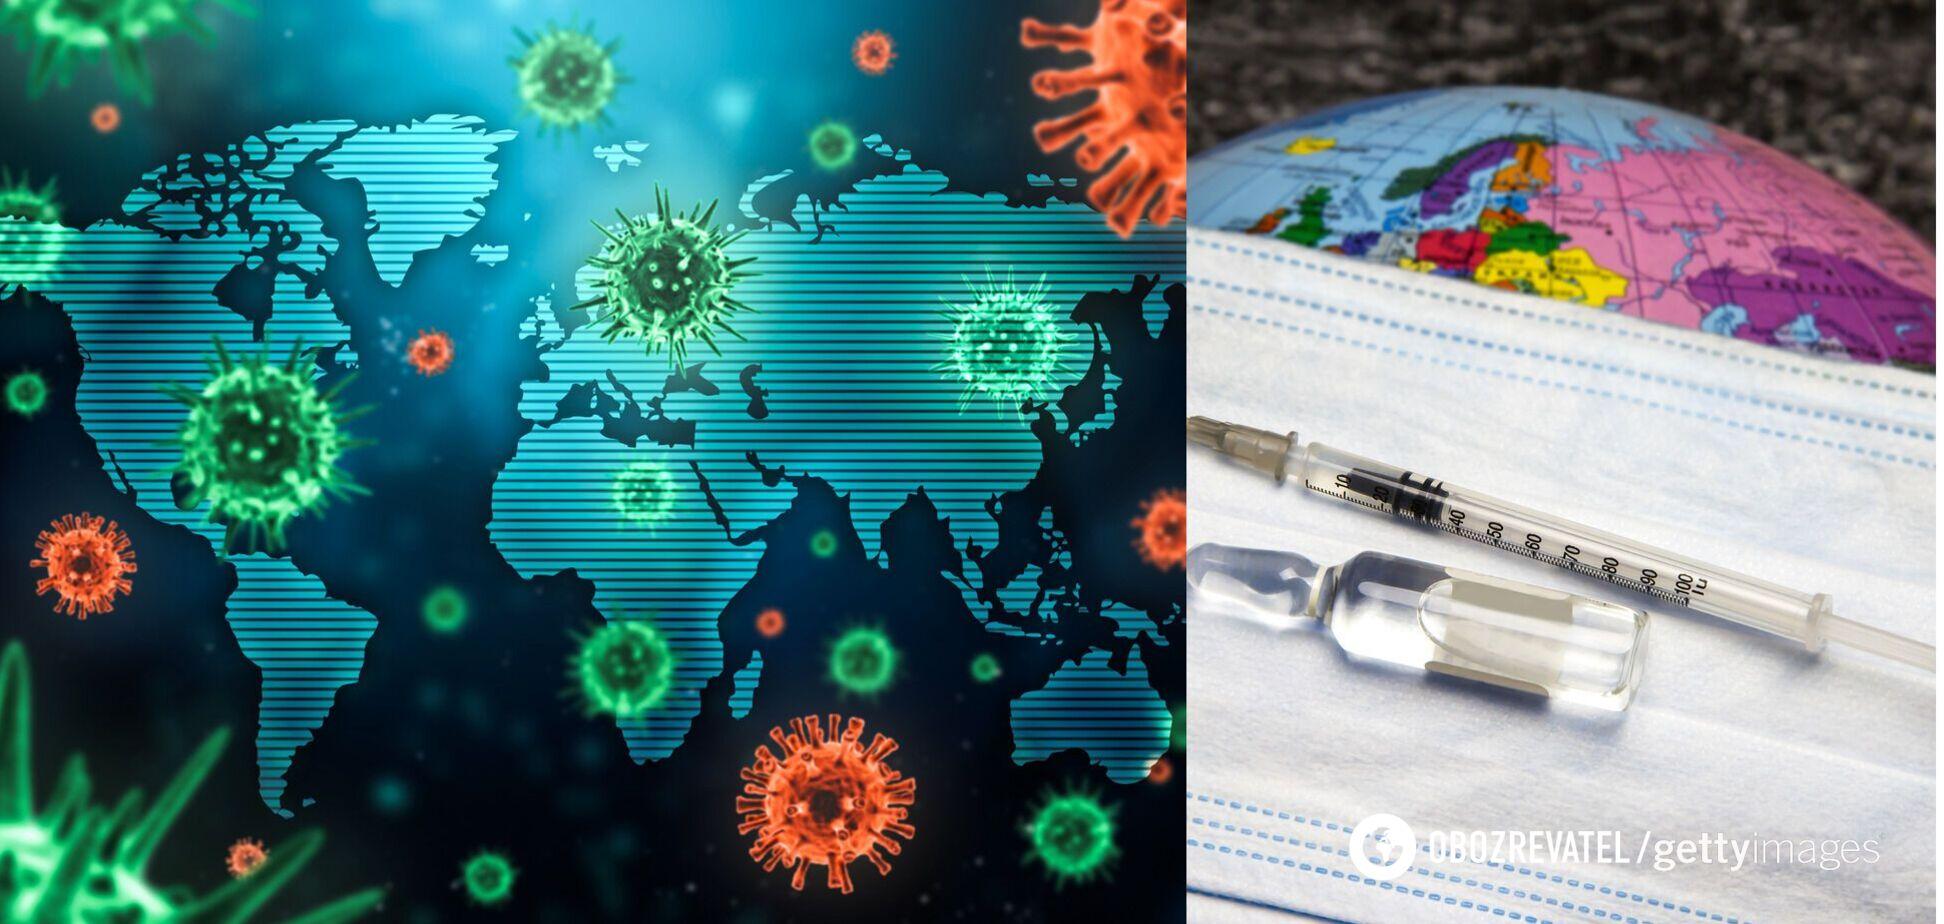 В ВОЗ спрогнозировали появление устойчивых к вакцинам штаммов COVID-19